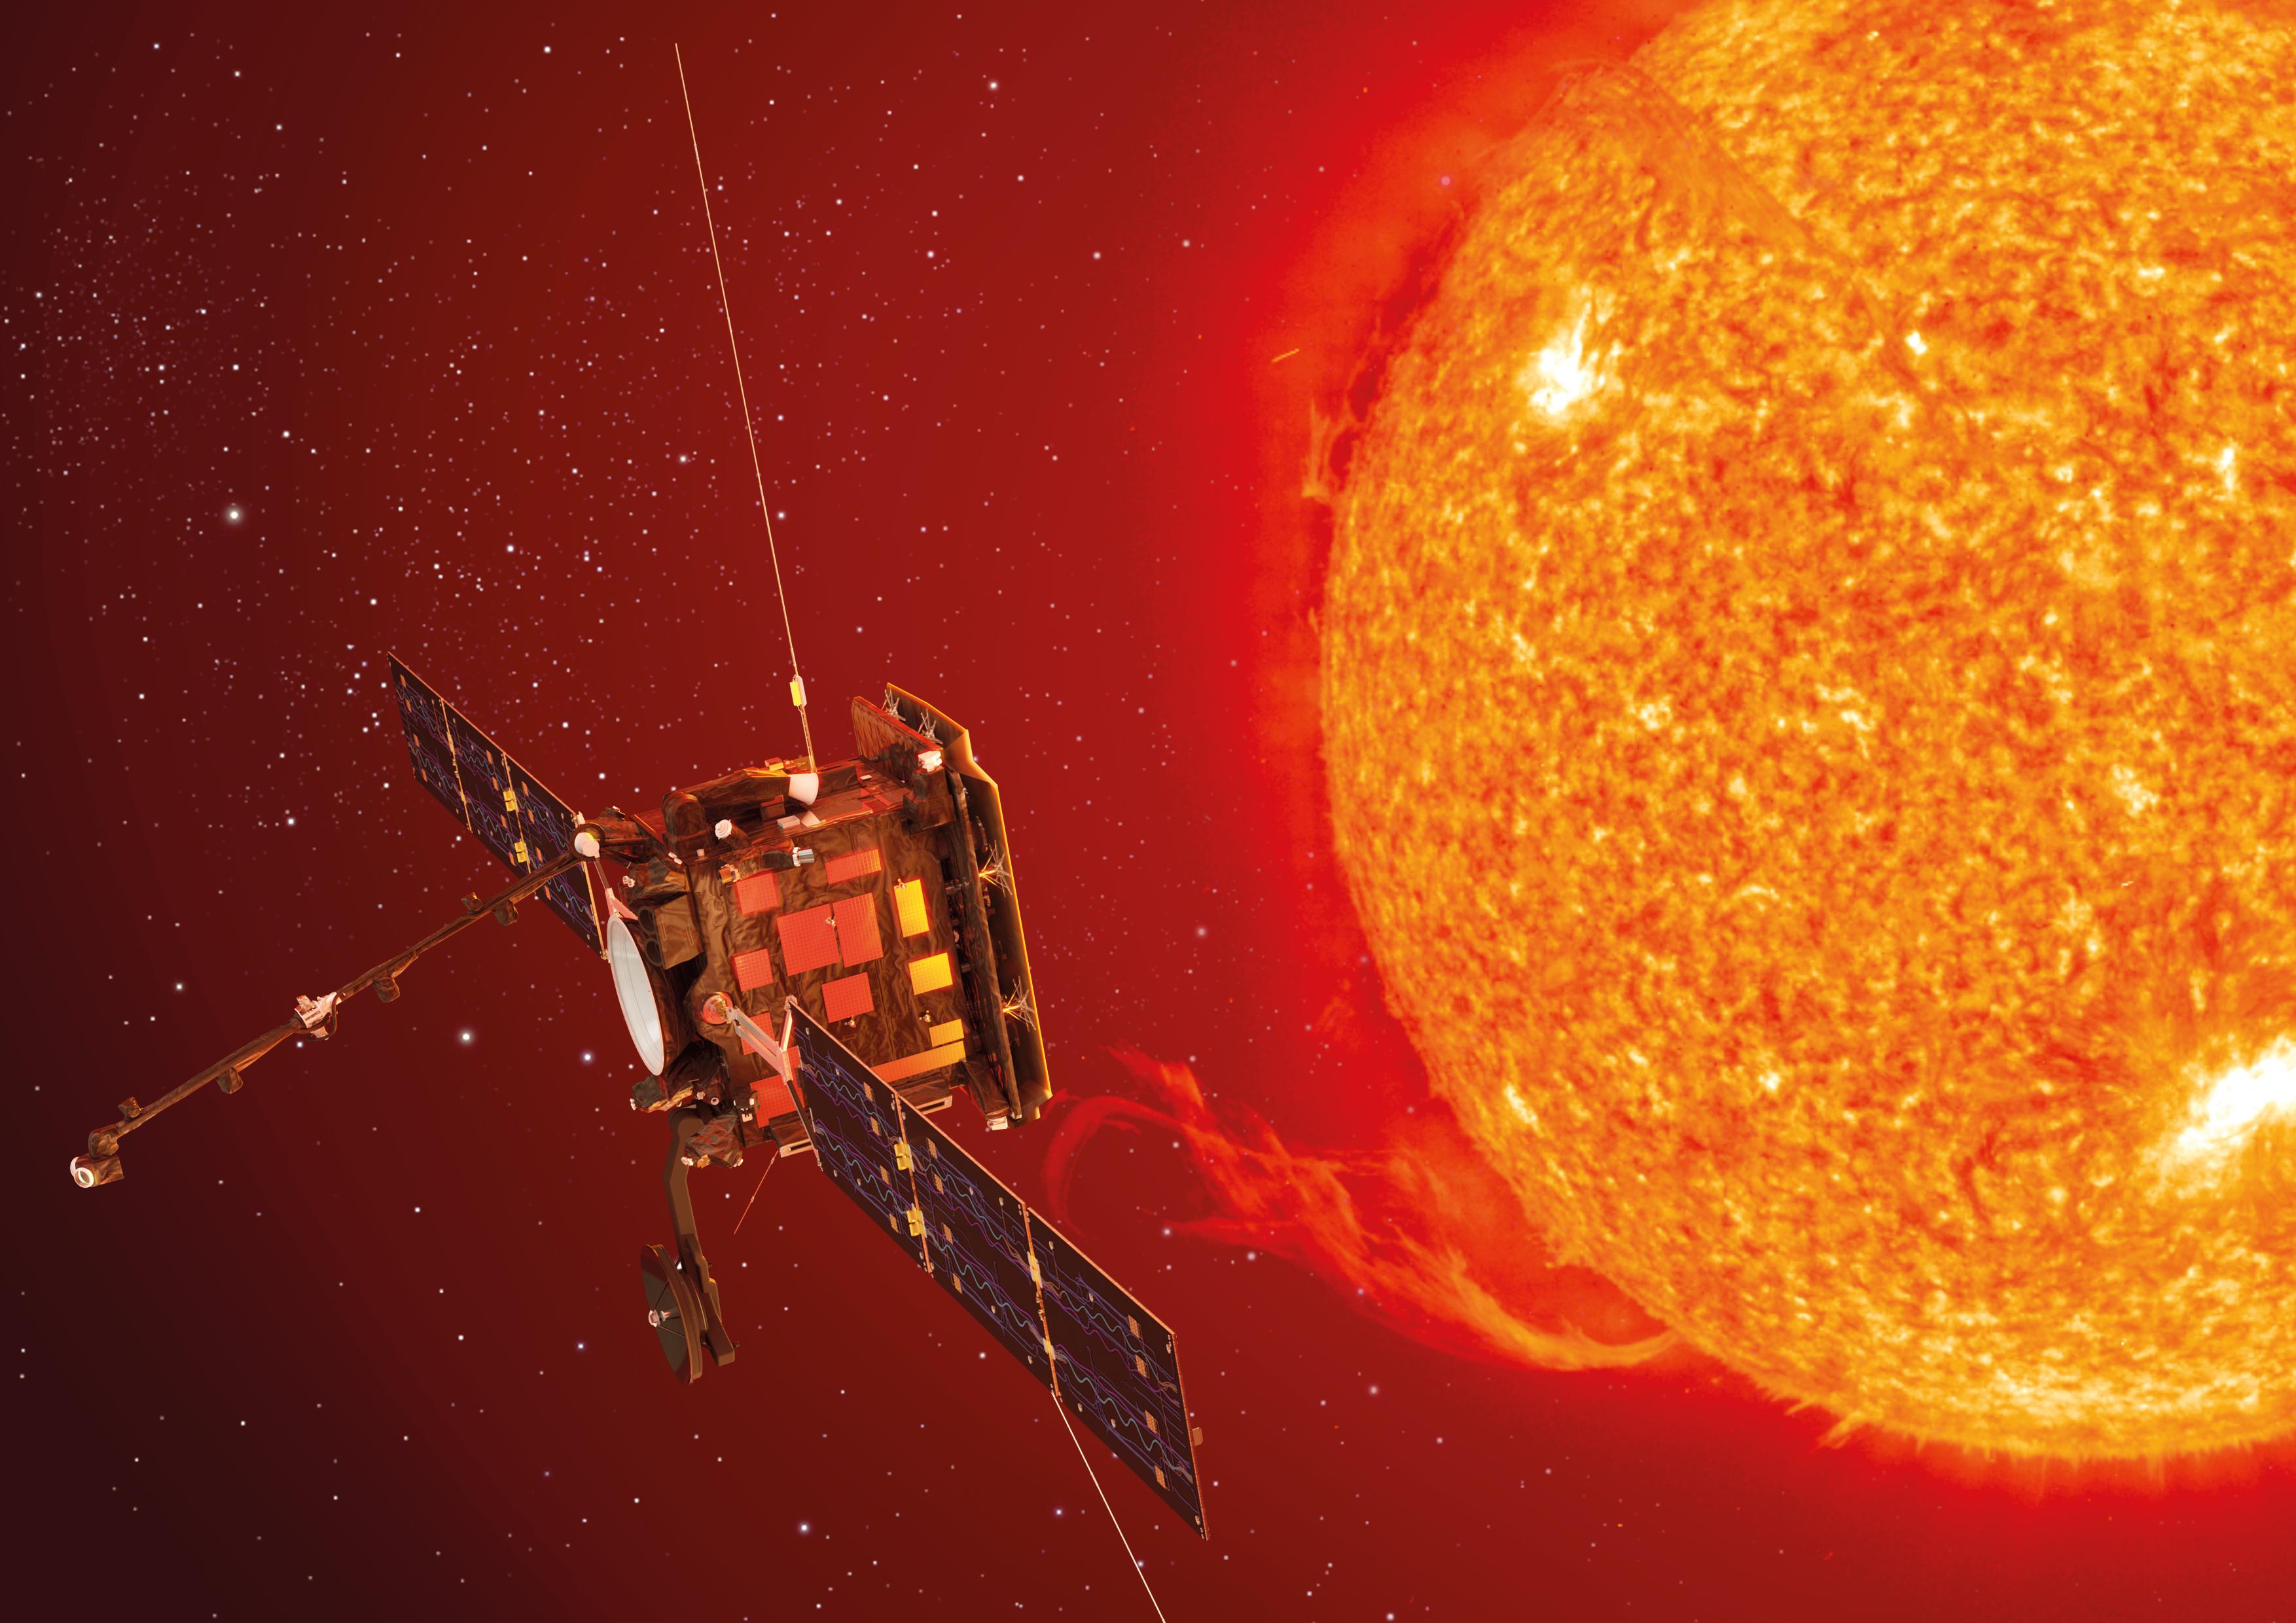 1567216394849-Poster_Solar_Orbiter_2014_no_text_3508.jpg